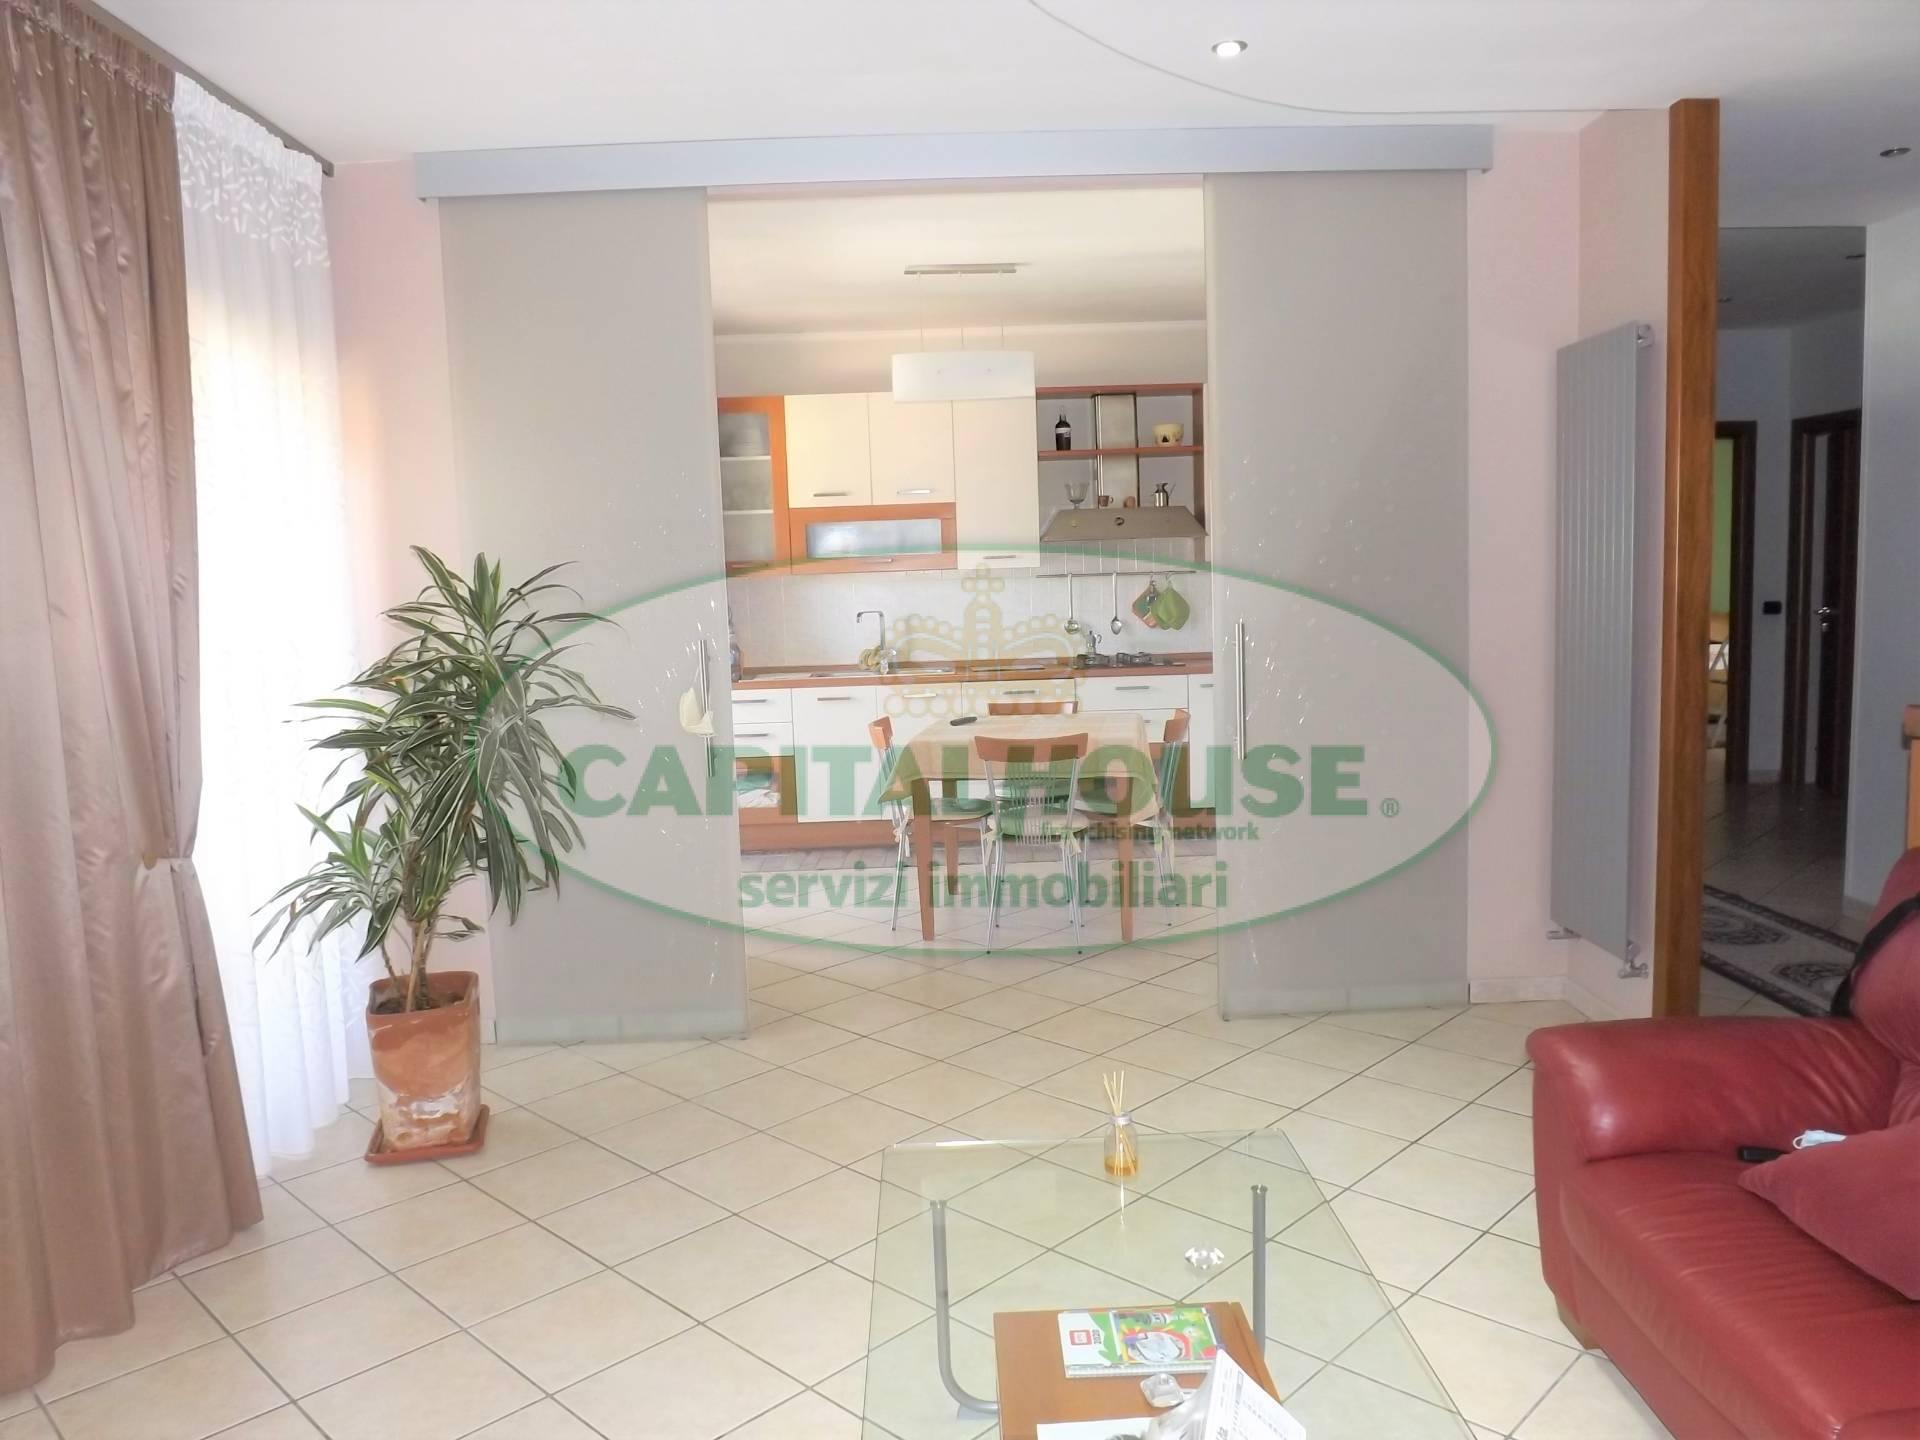 Appartamento in vendita a Manocalzati, 4 locali, prezzo € 90.000 | CambioCasa.it